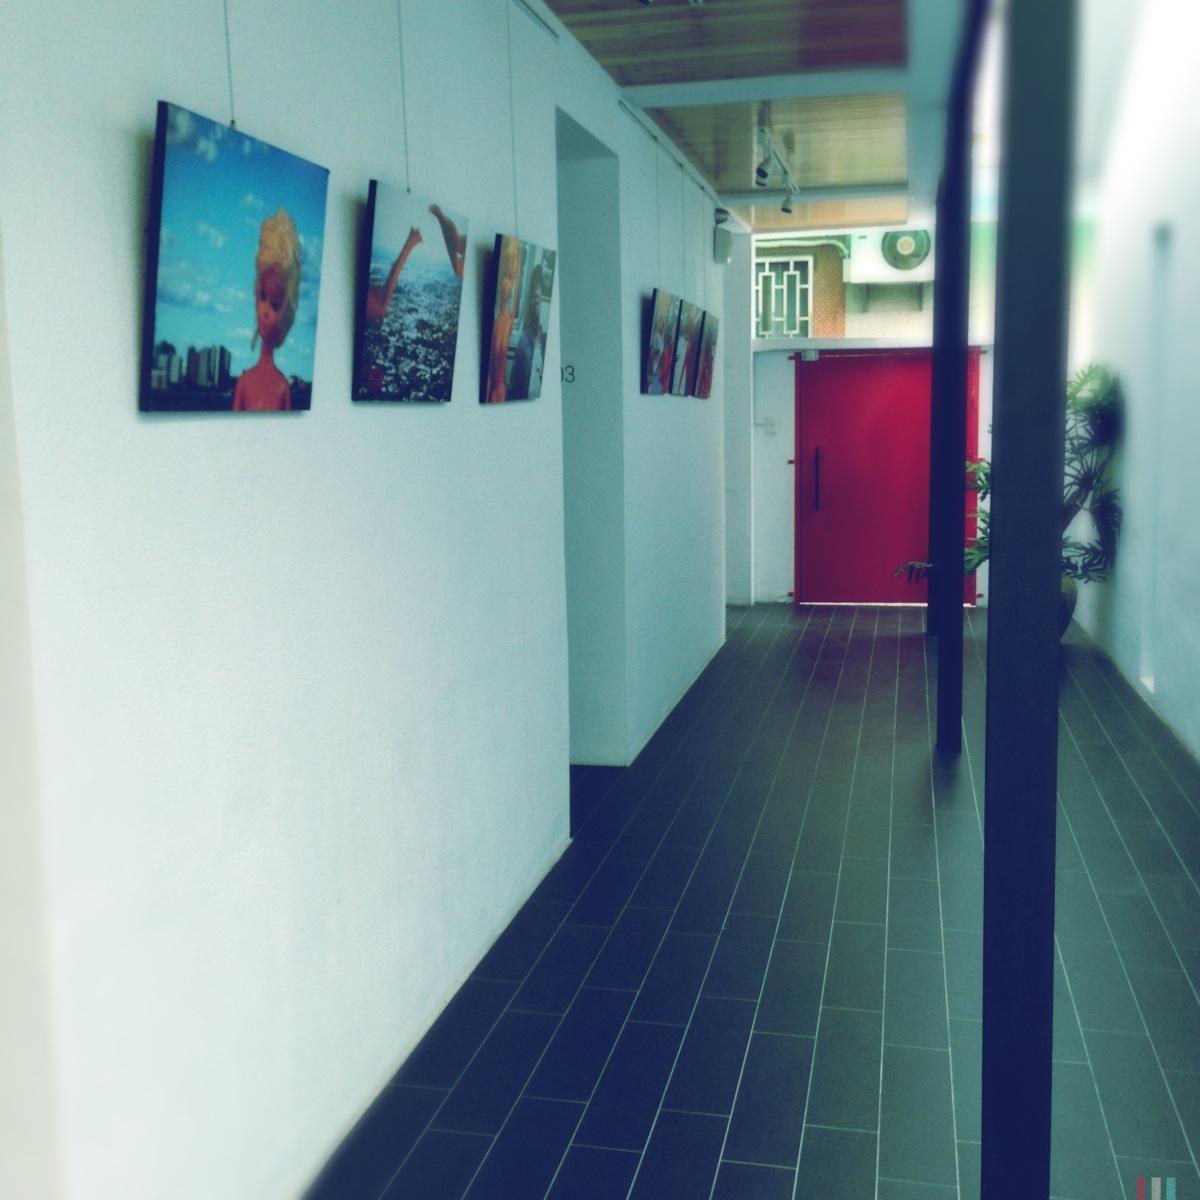 民宿與藝術空間的結合 - 八又二分之一,台南市 11